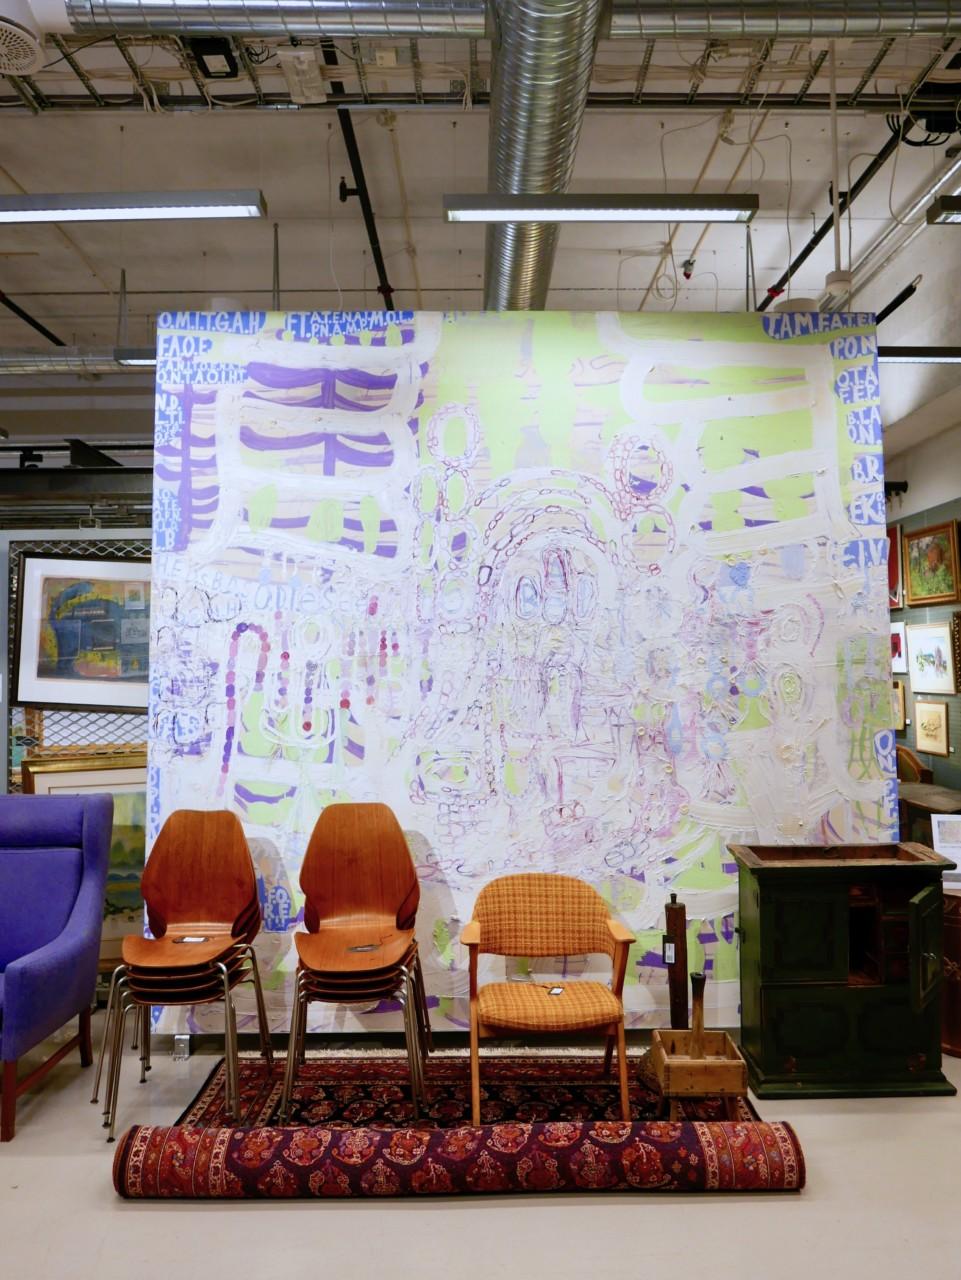 gigantisk-maleri-blomqvist-nettauksjon-stoler